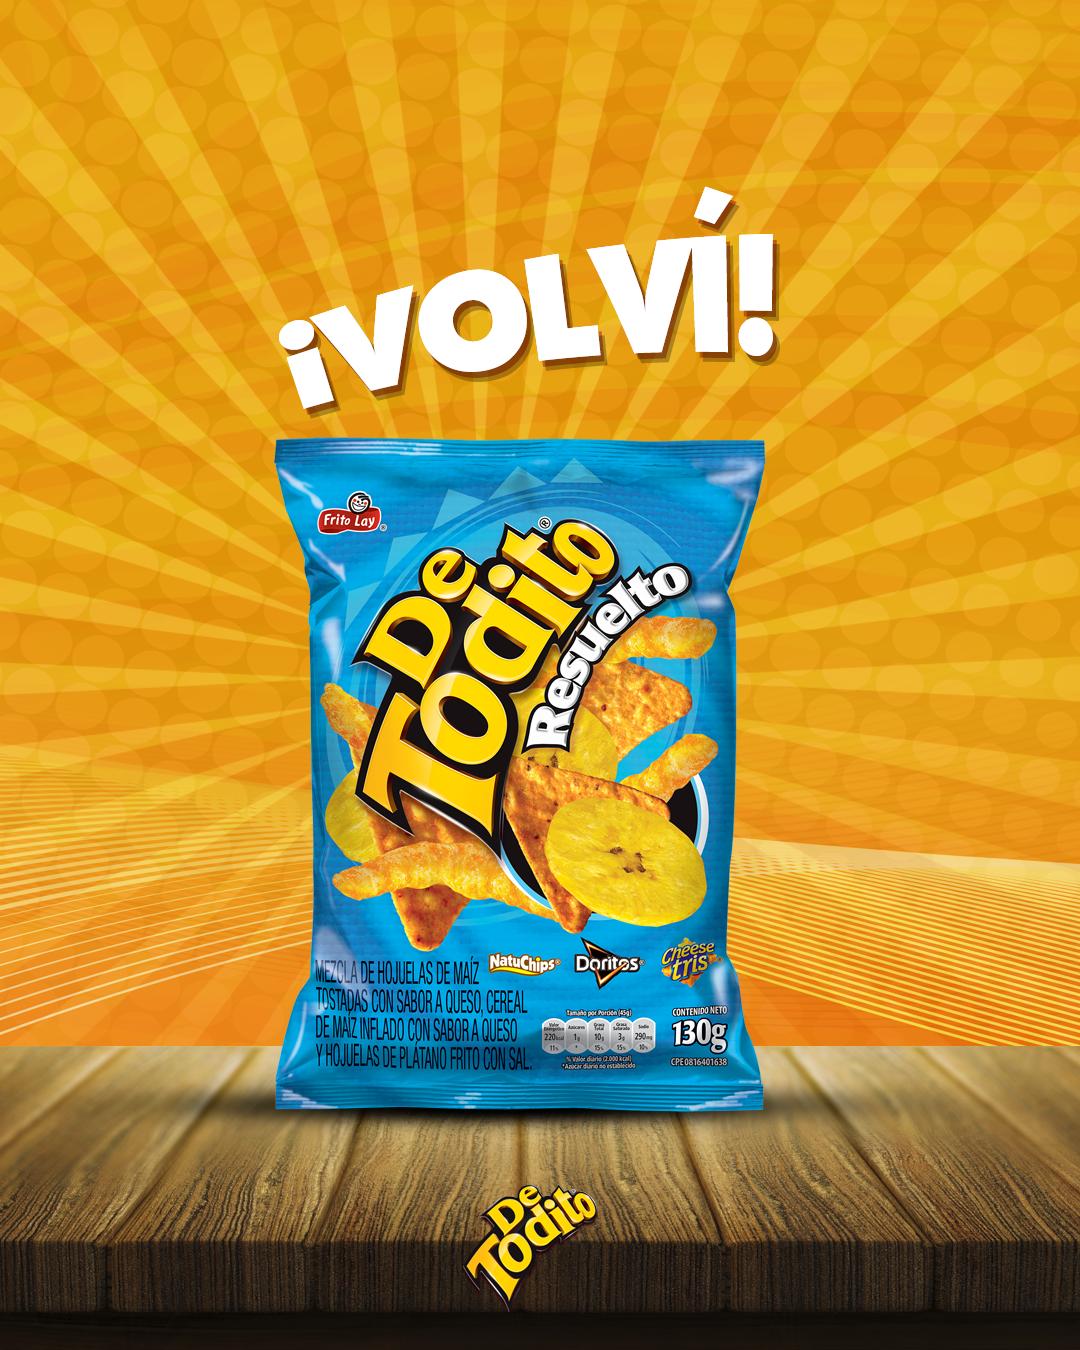 Tus snacks favoritos vuelven a estar juntos con  De Todito® Resuelto